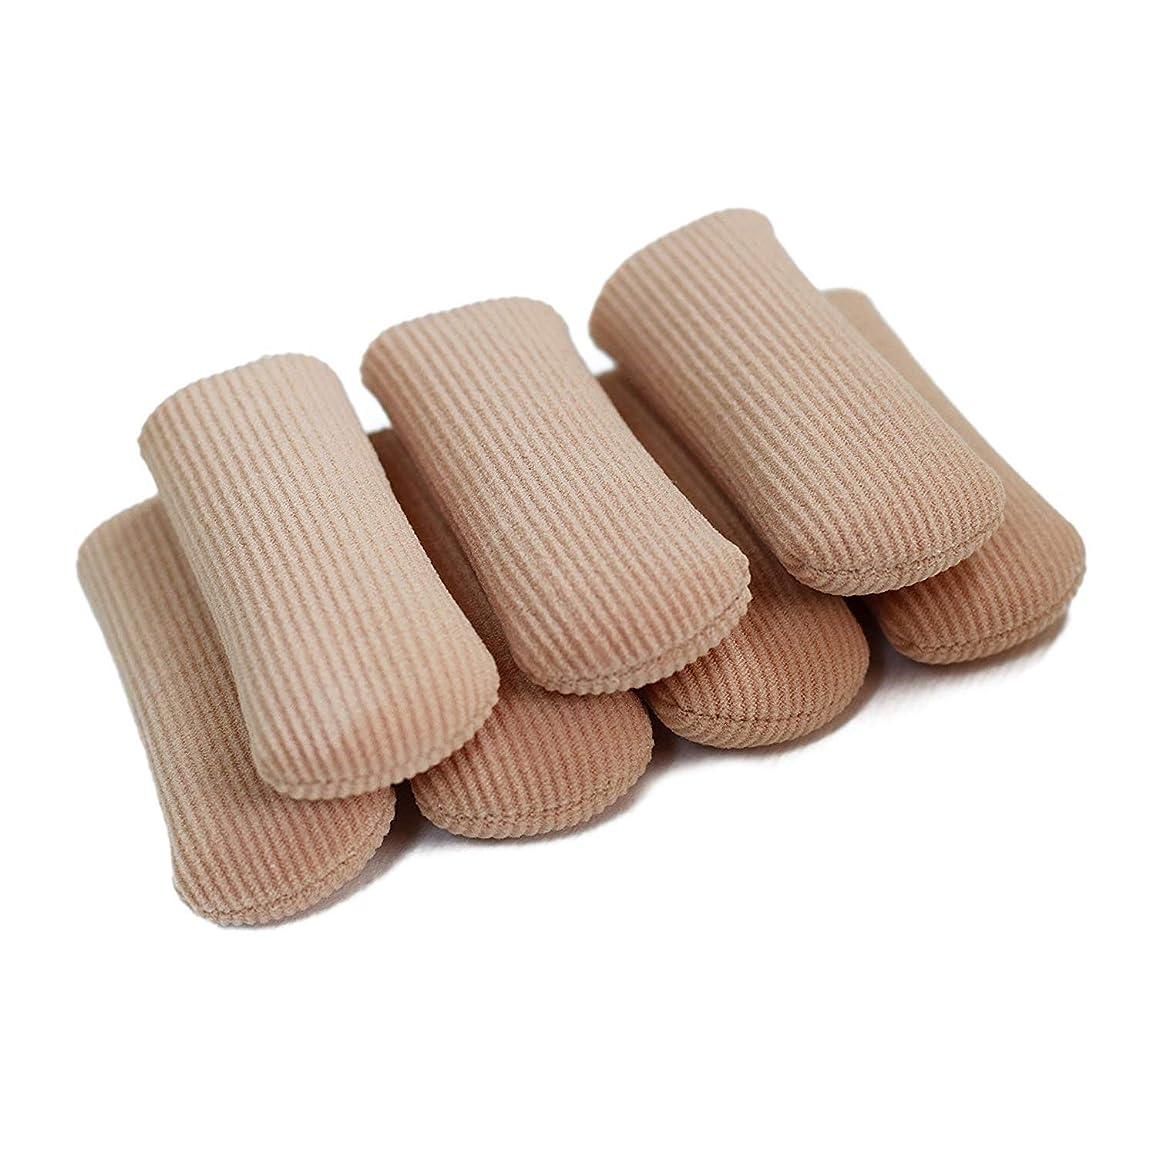 人工定期的に比率6個入 L 足指保護キャップ 撃吸収 レディース メンズ 男 女性適用